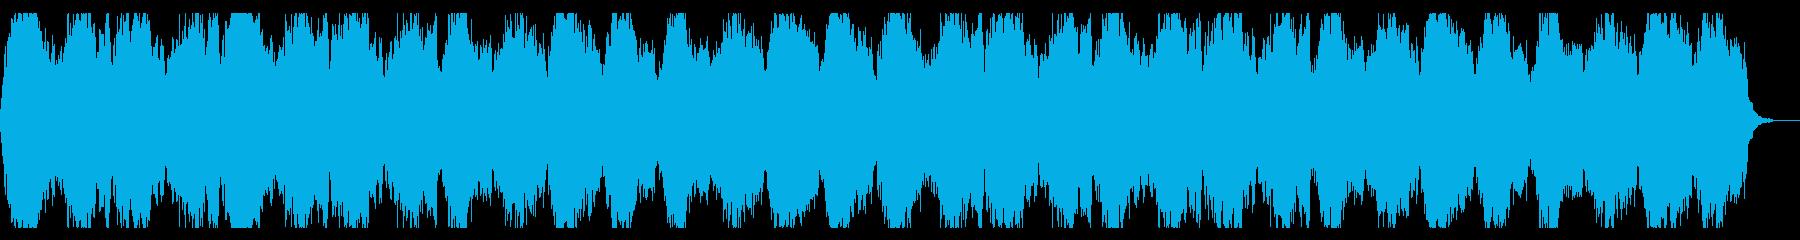 哀愁感あるストリングス ファンタジー楽曲の再生済みの波形